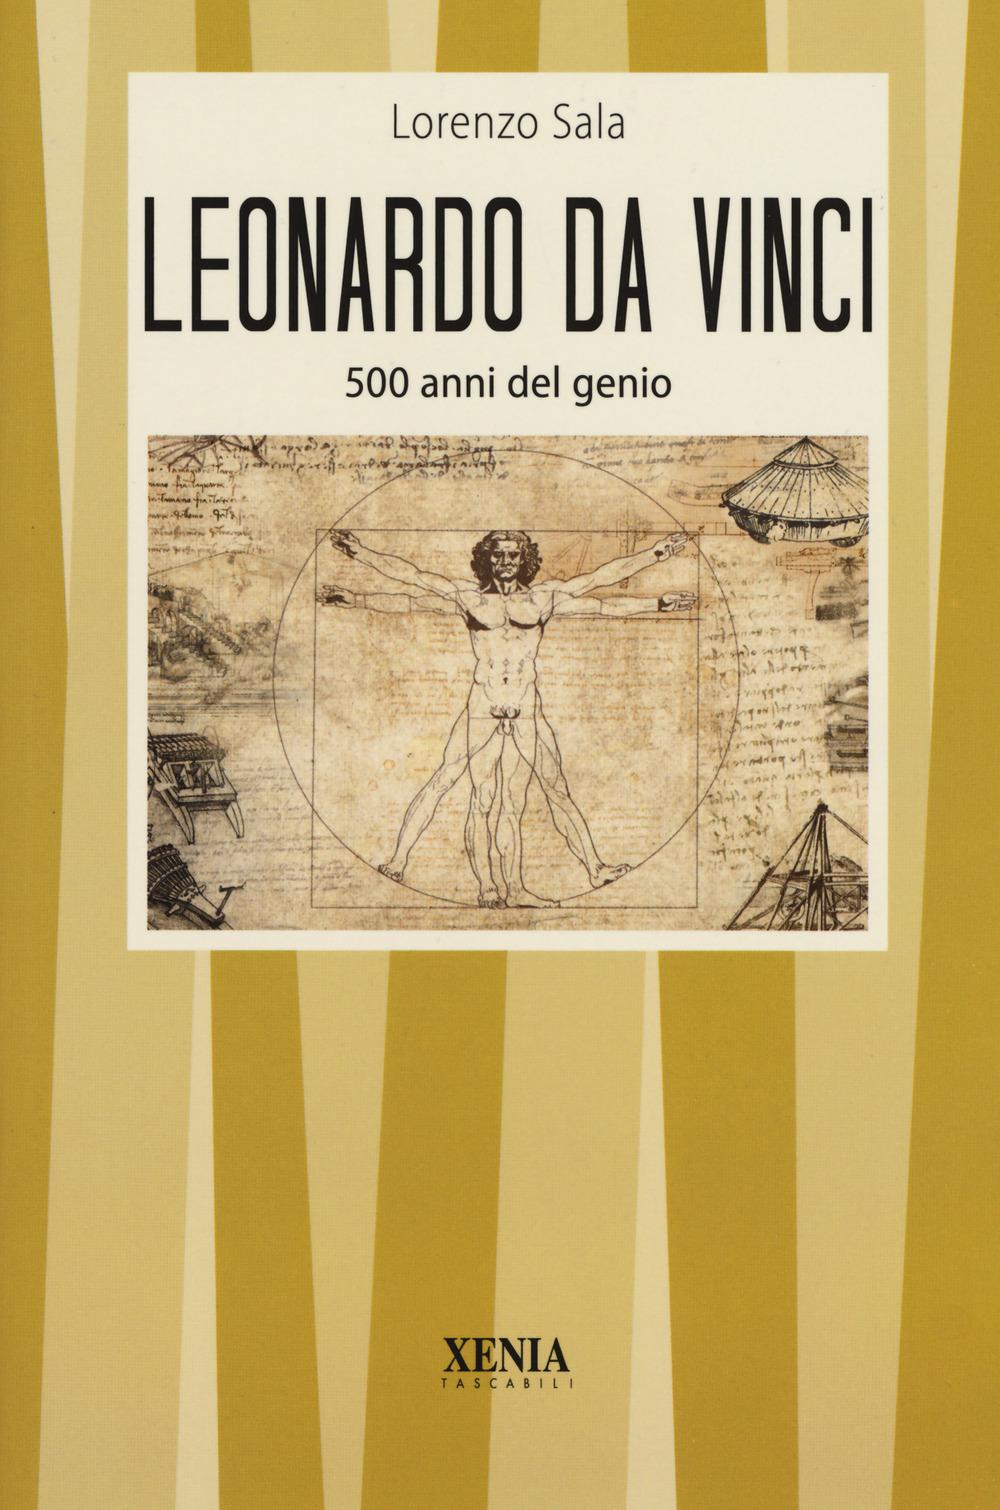 LEONARDO DA VINCI. 500 ANNI DEL GENIO - 9788872738603